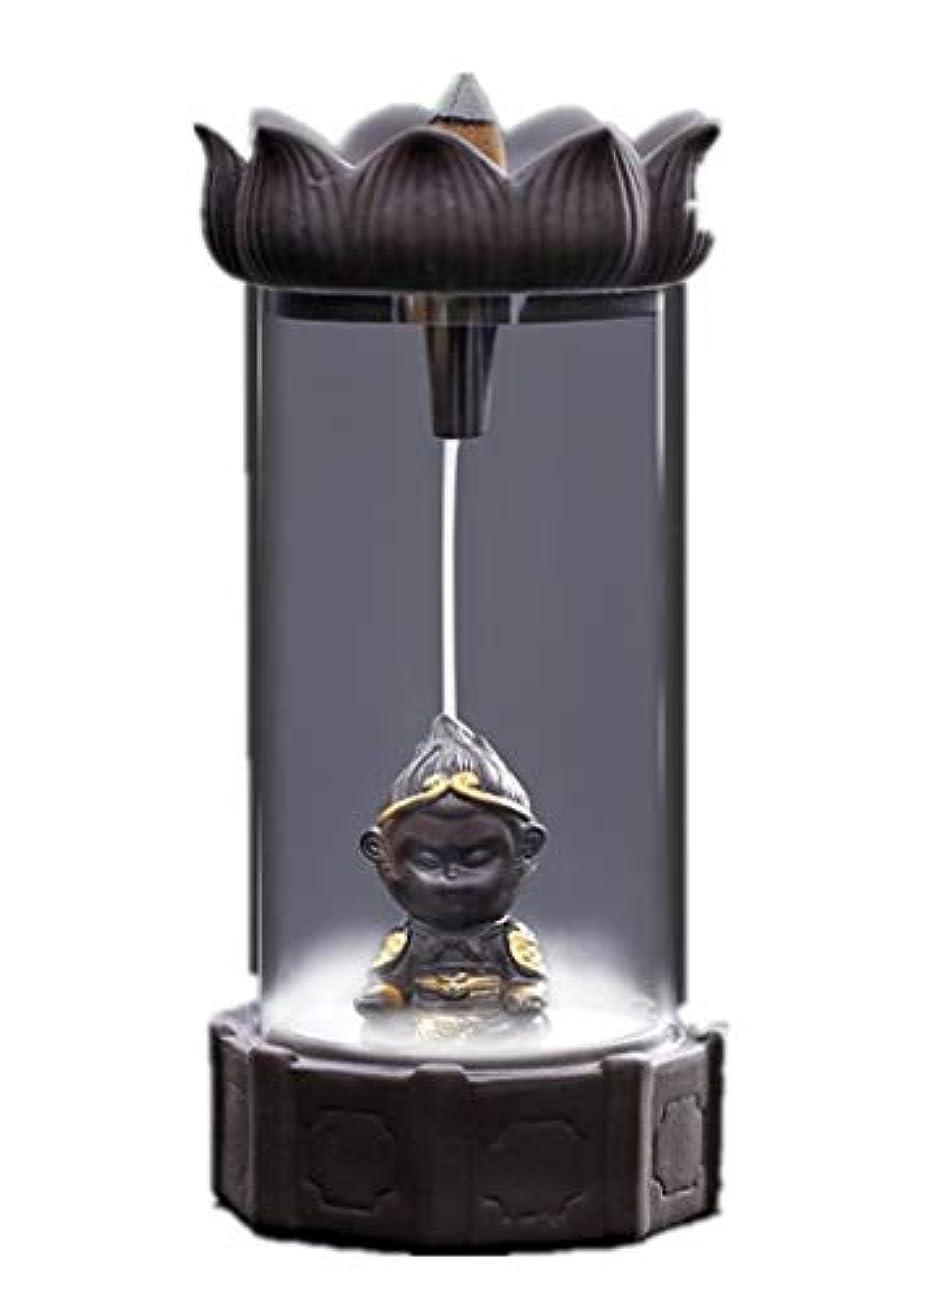 ヘビ瞳一杯XPPXPP Backflow Incense Burner, Household Ceramic Returning Cone-shaped Candlestick Burner